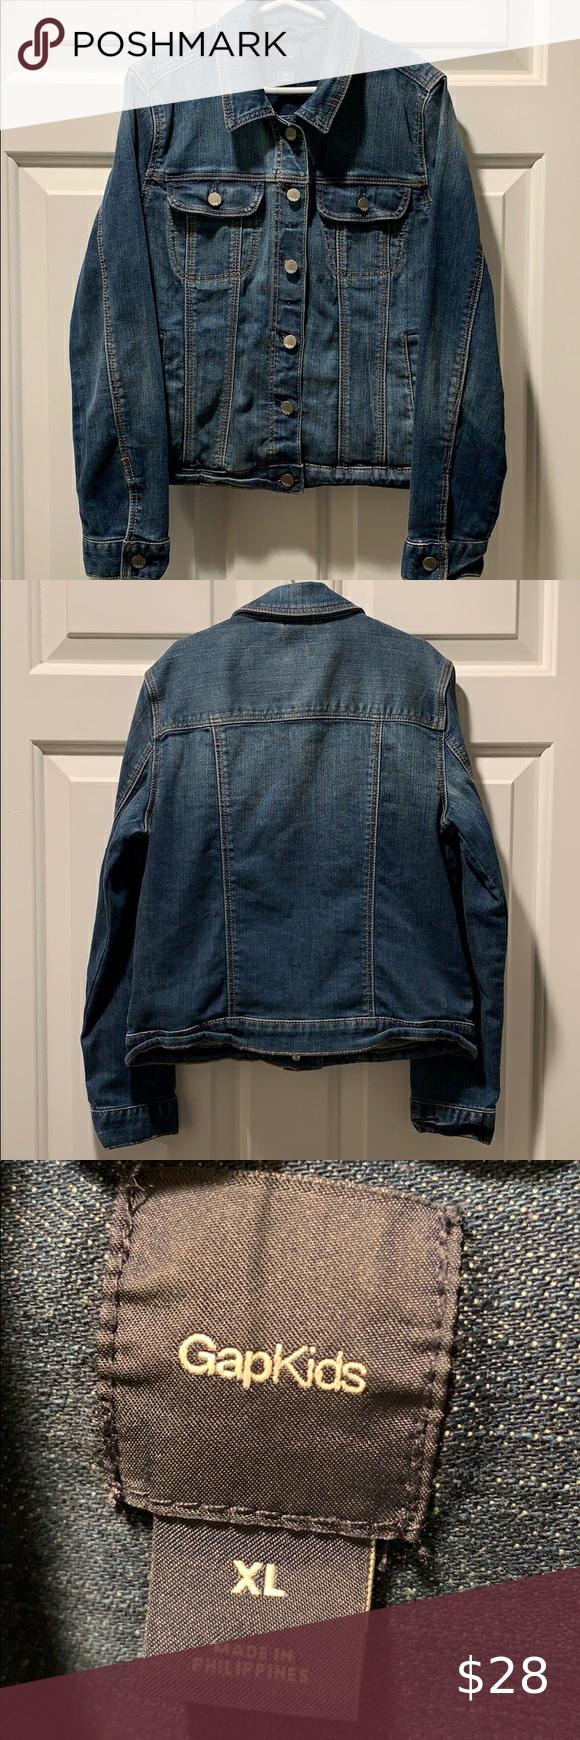 Gap Kids Jean Jacket Kids Jeans Jacket Jeans Kids Jackets [ 1740 x 580 Pixel ]